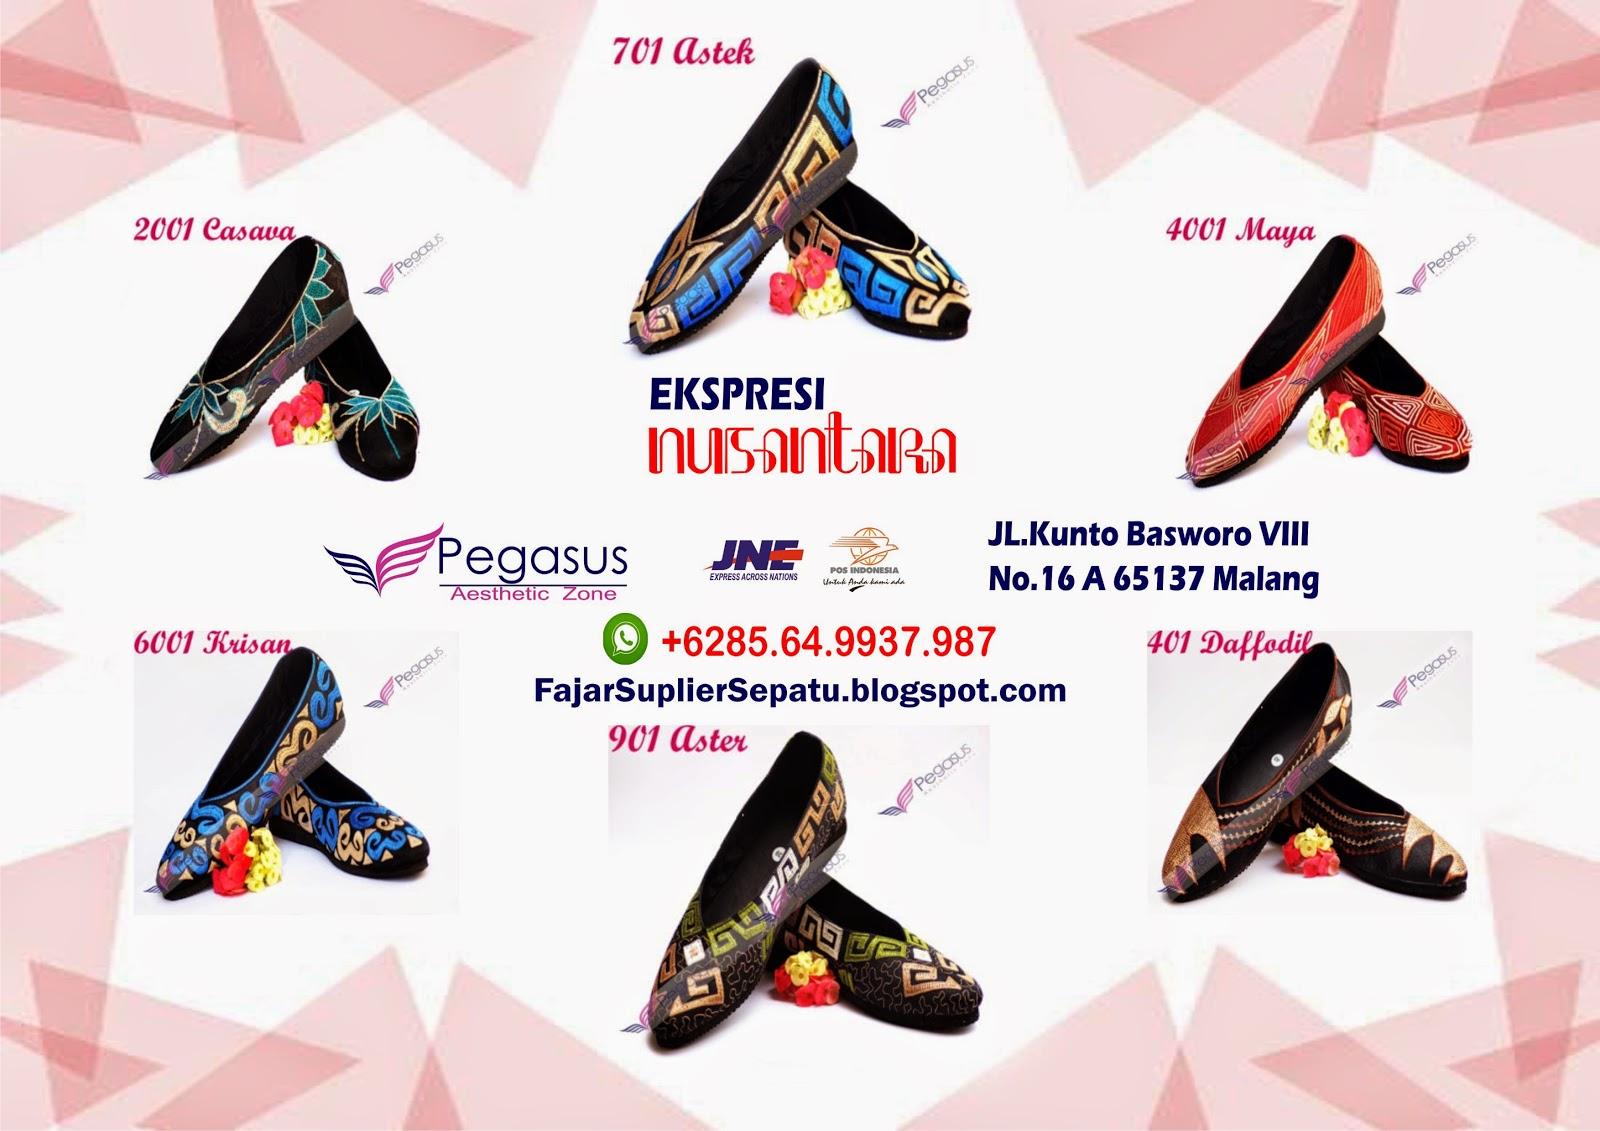 Sepatu Wanita, Sepatu Murah, Toko Sepatu, 085.64.9937.987